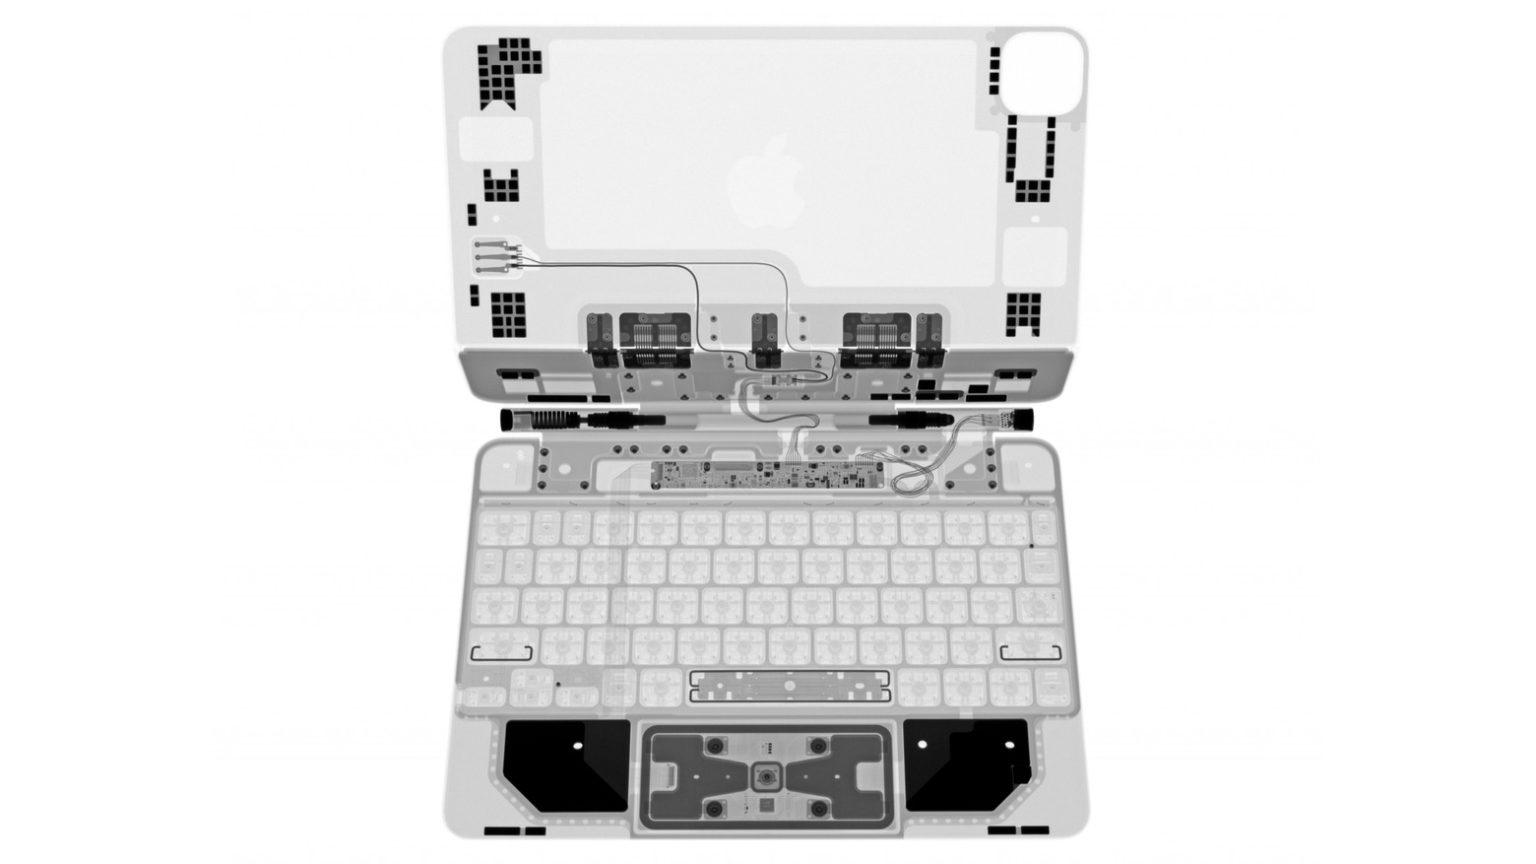 iPad Pro Magic Keyboard in X-ray